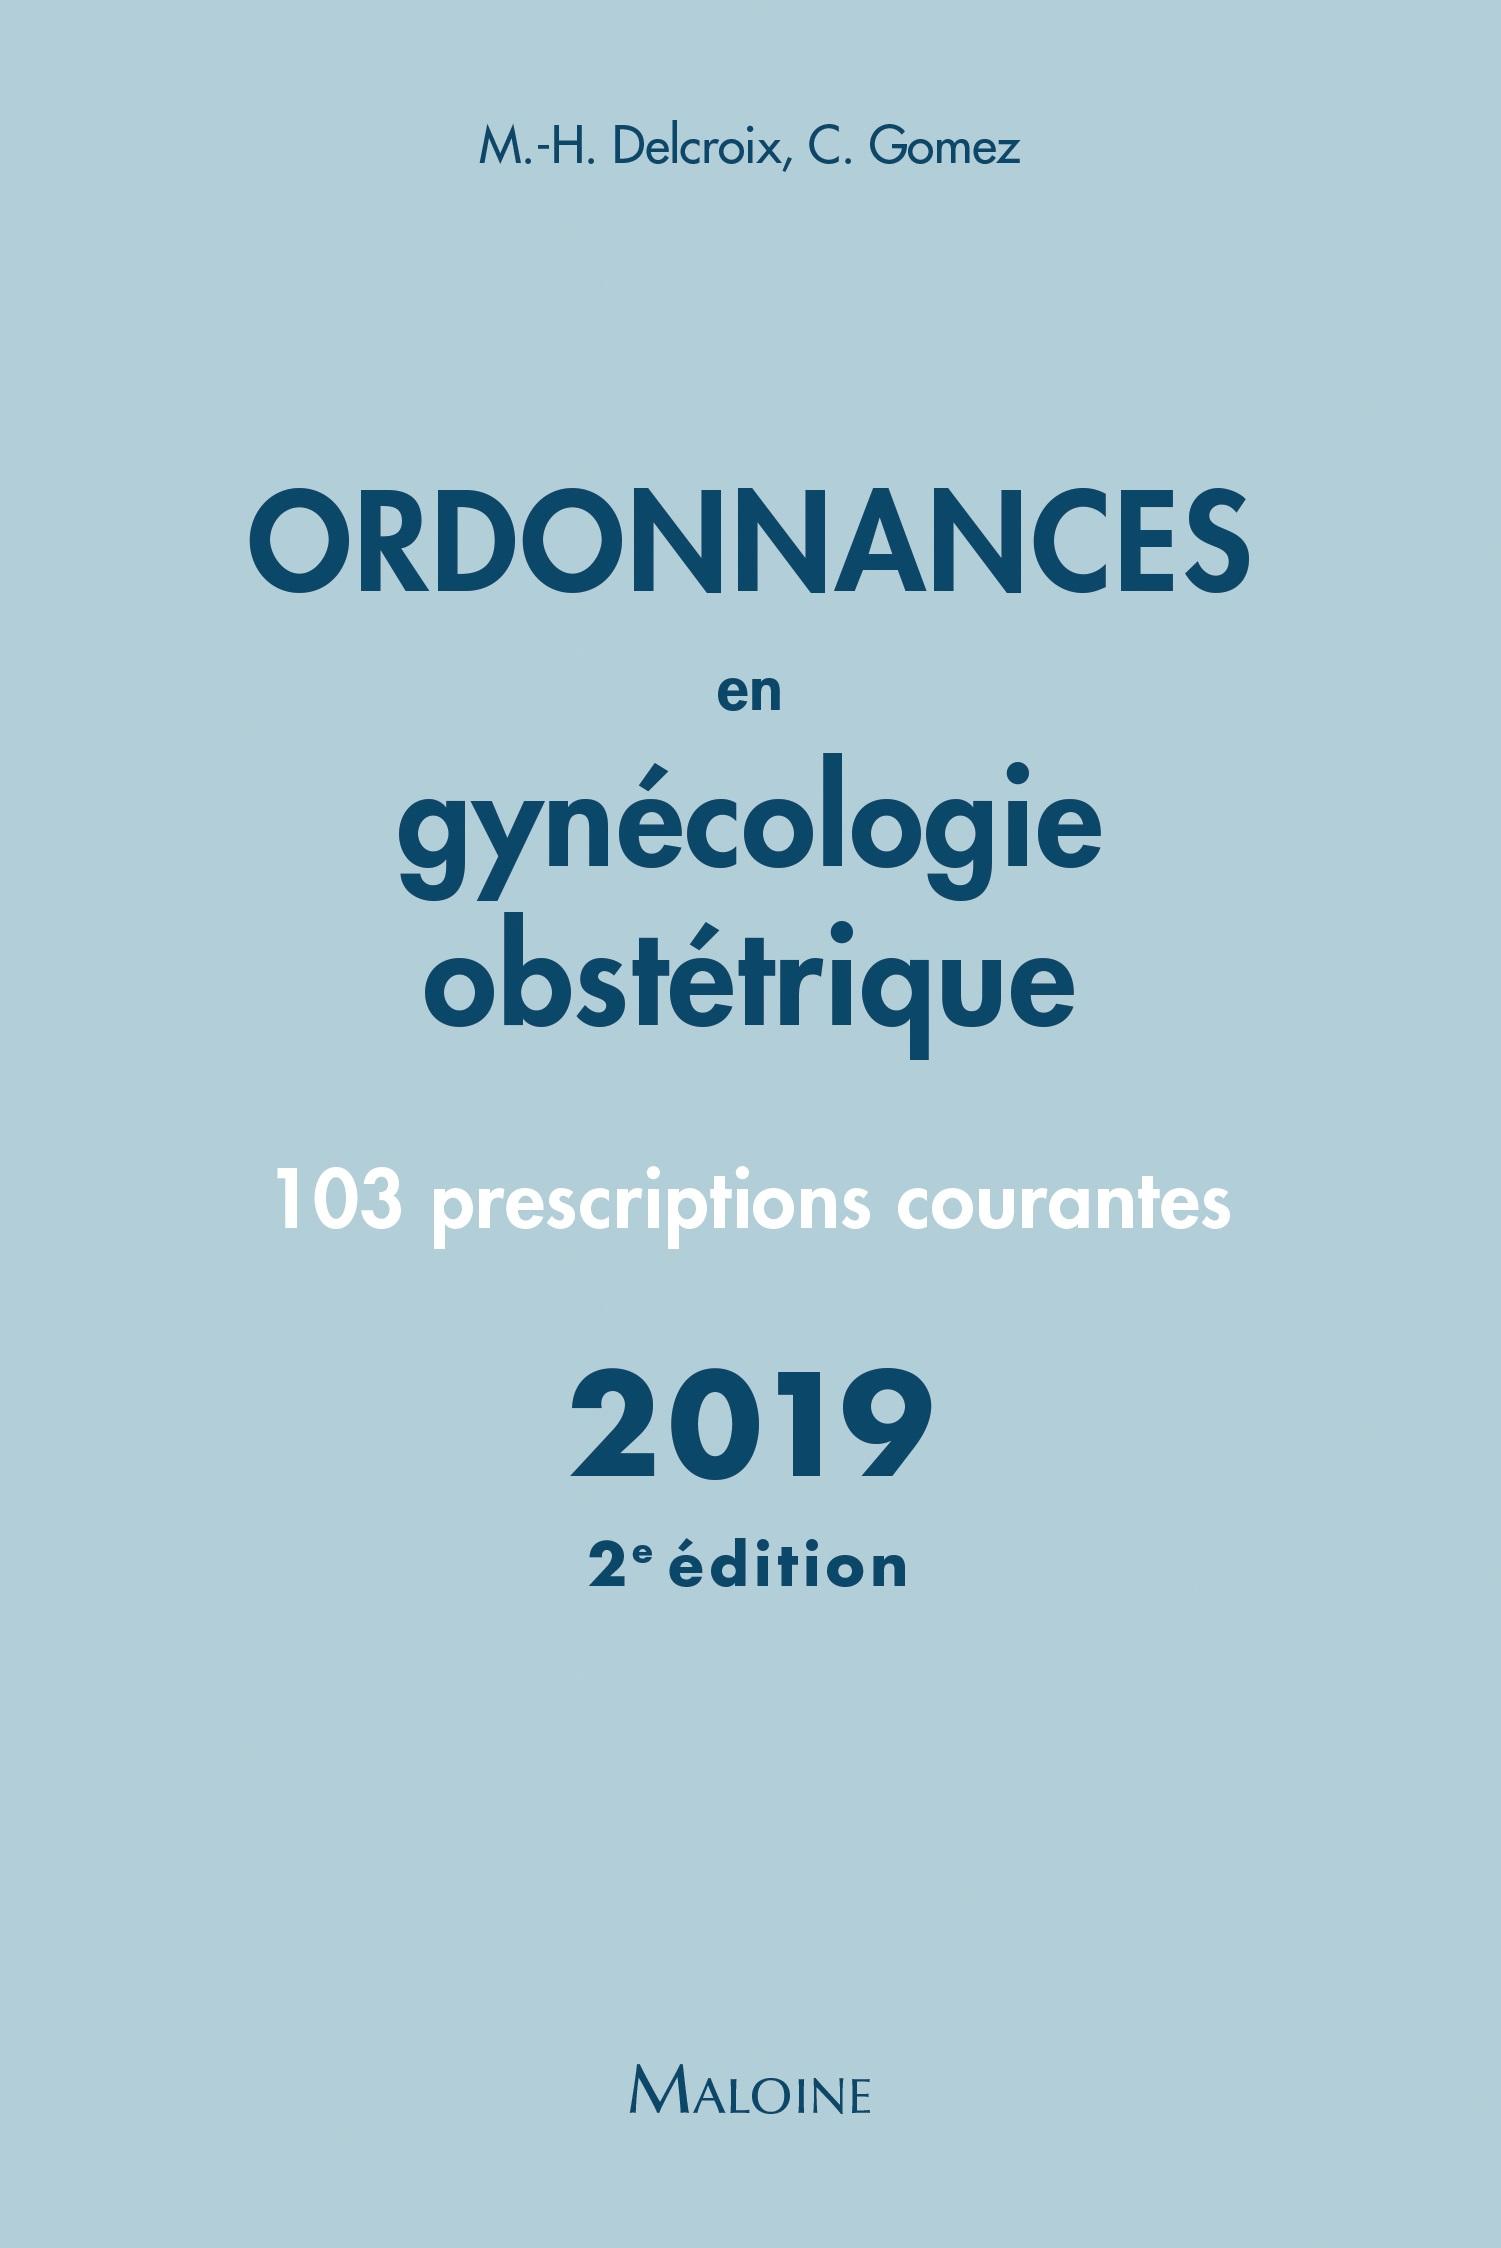 Ordonnances en gynécologie obstétrique 2019 - 2e édition